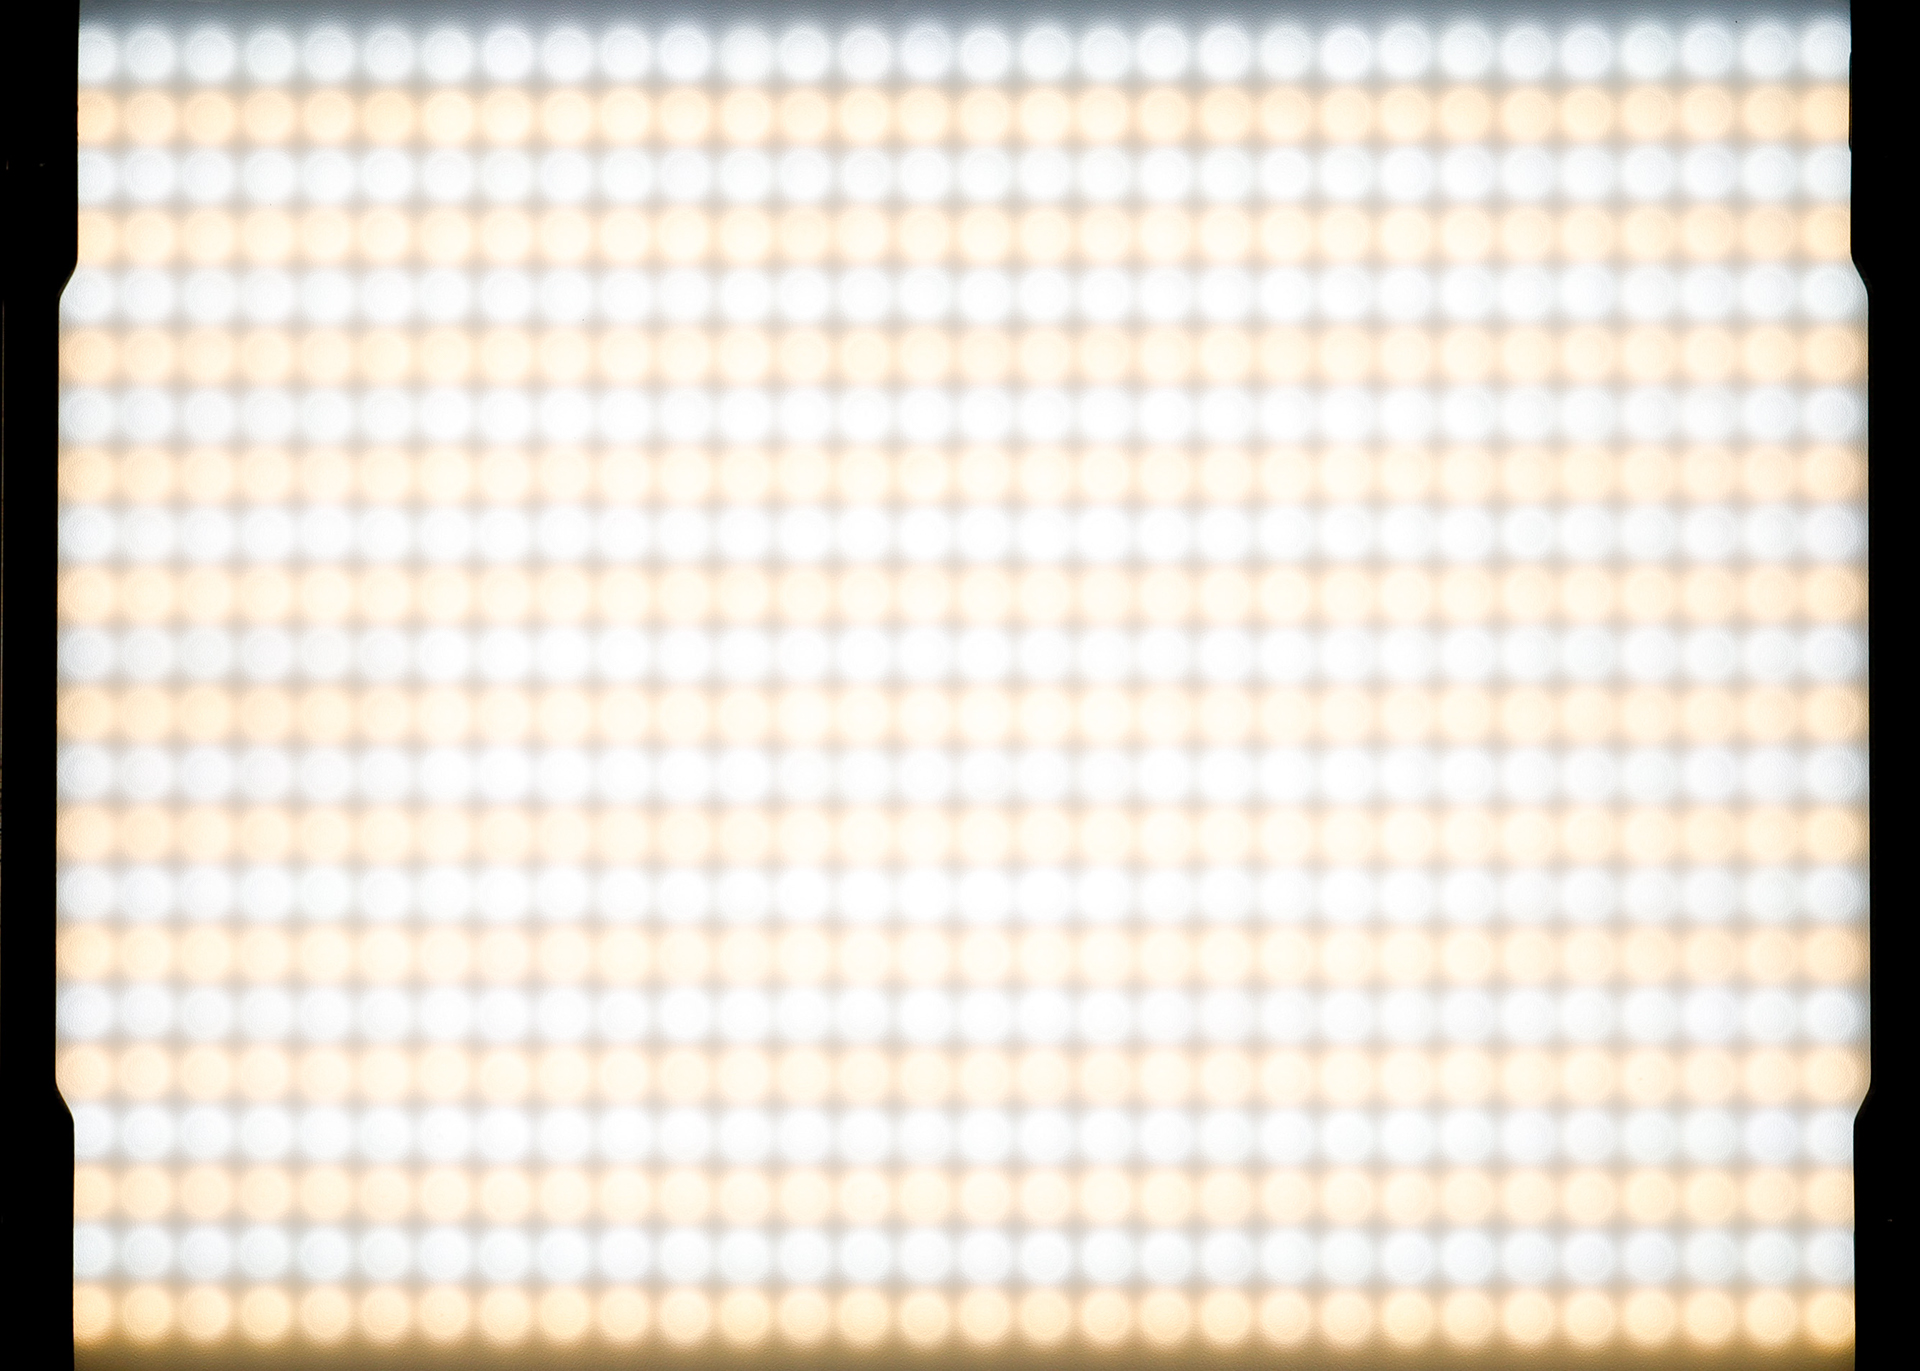 f:id:pepeprism:20200819001334j:plain